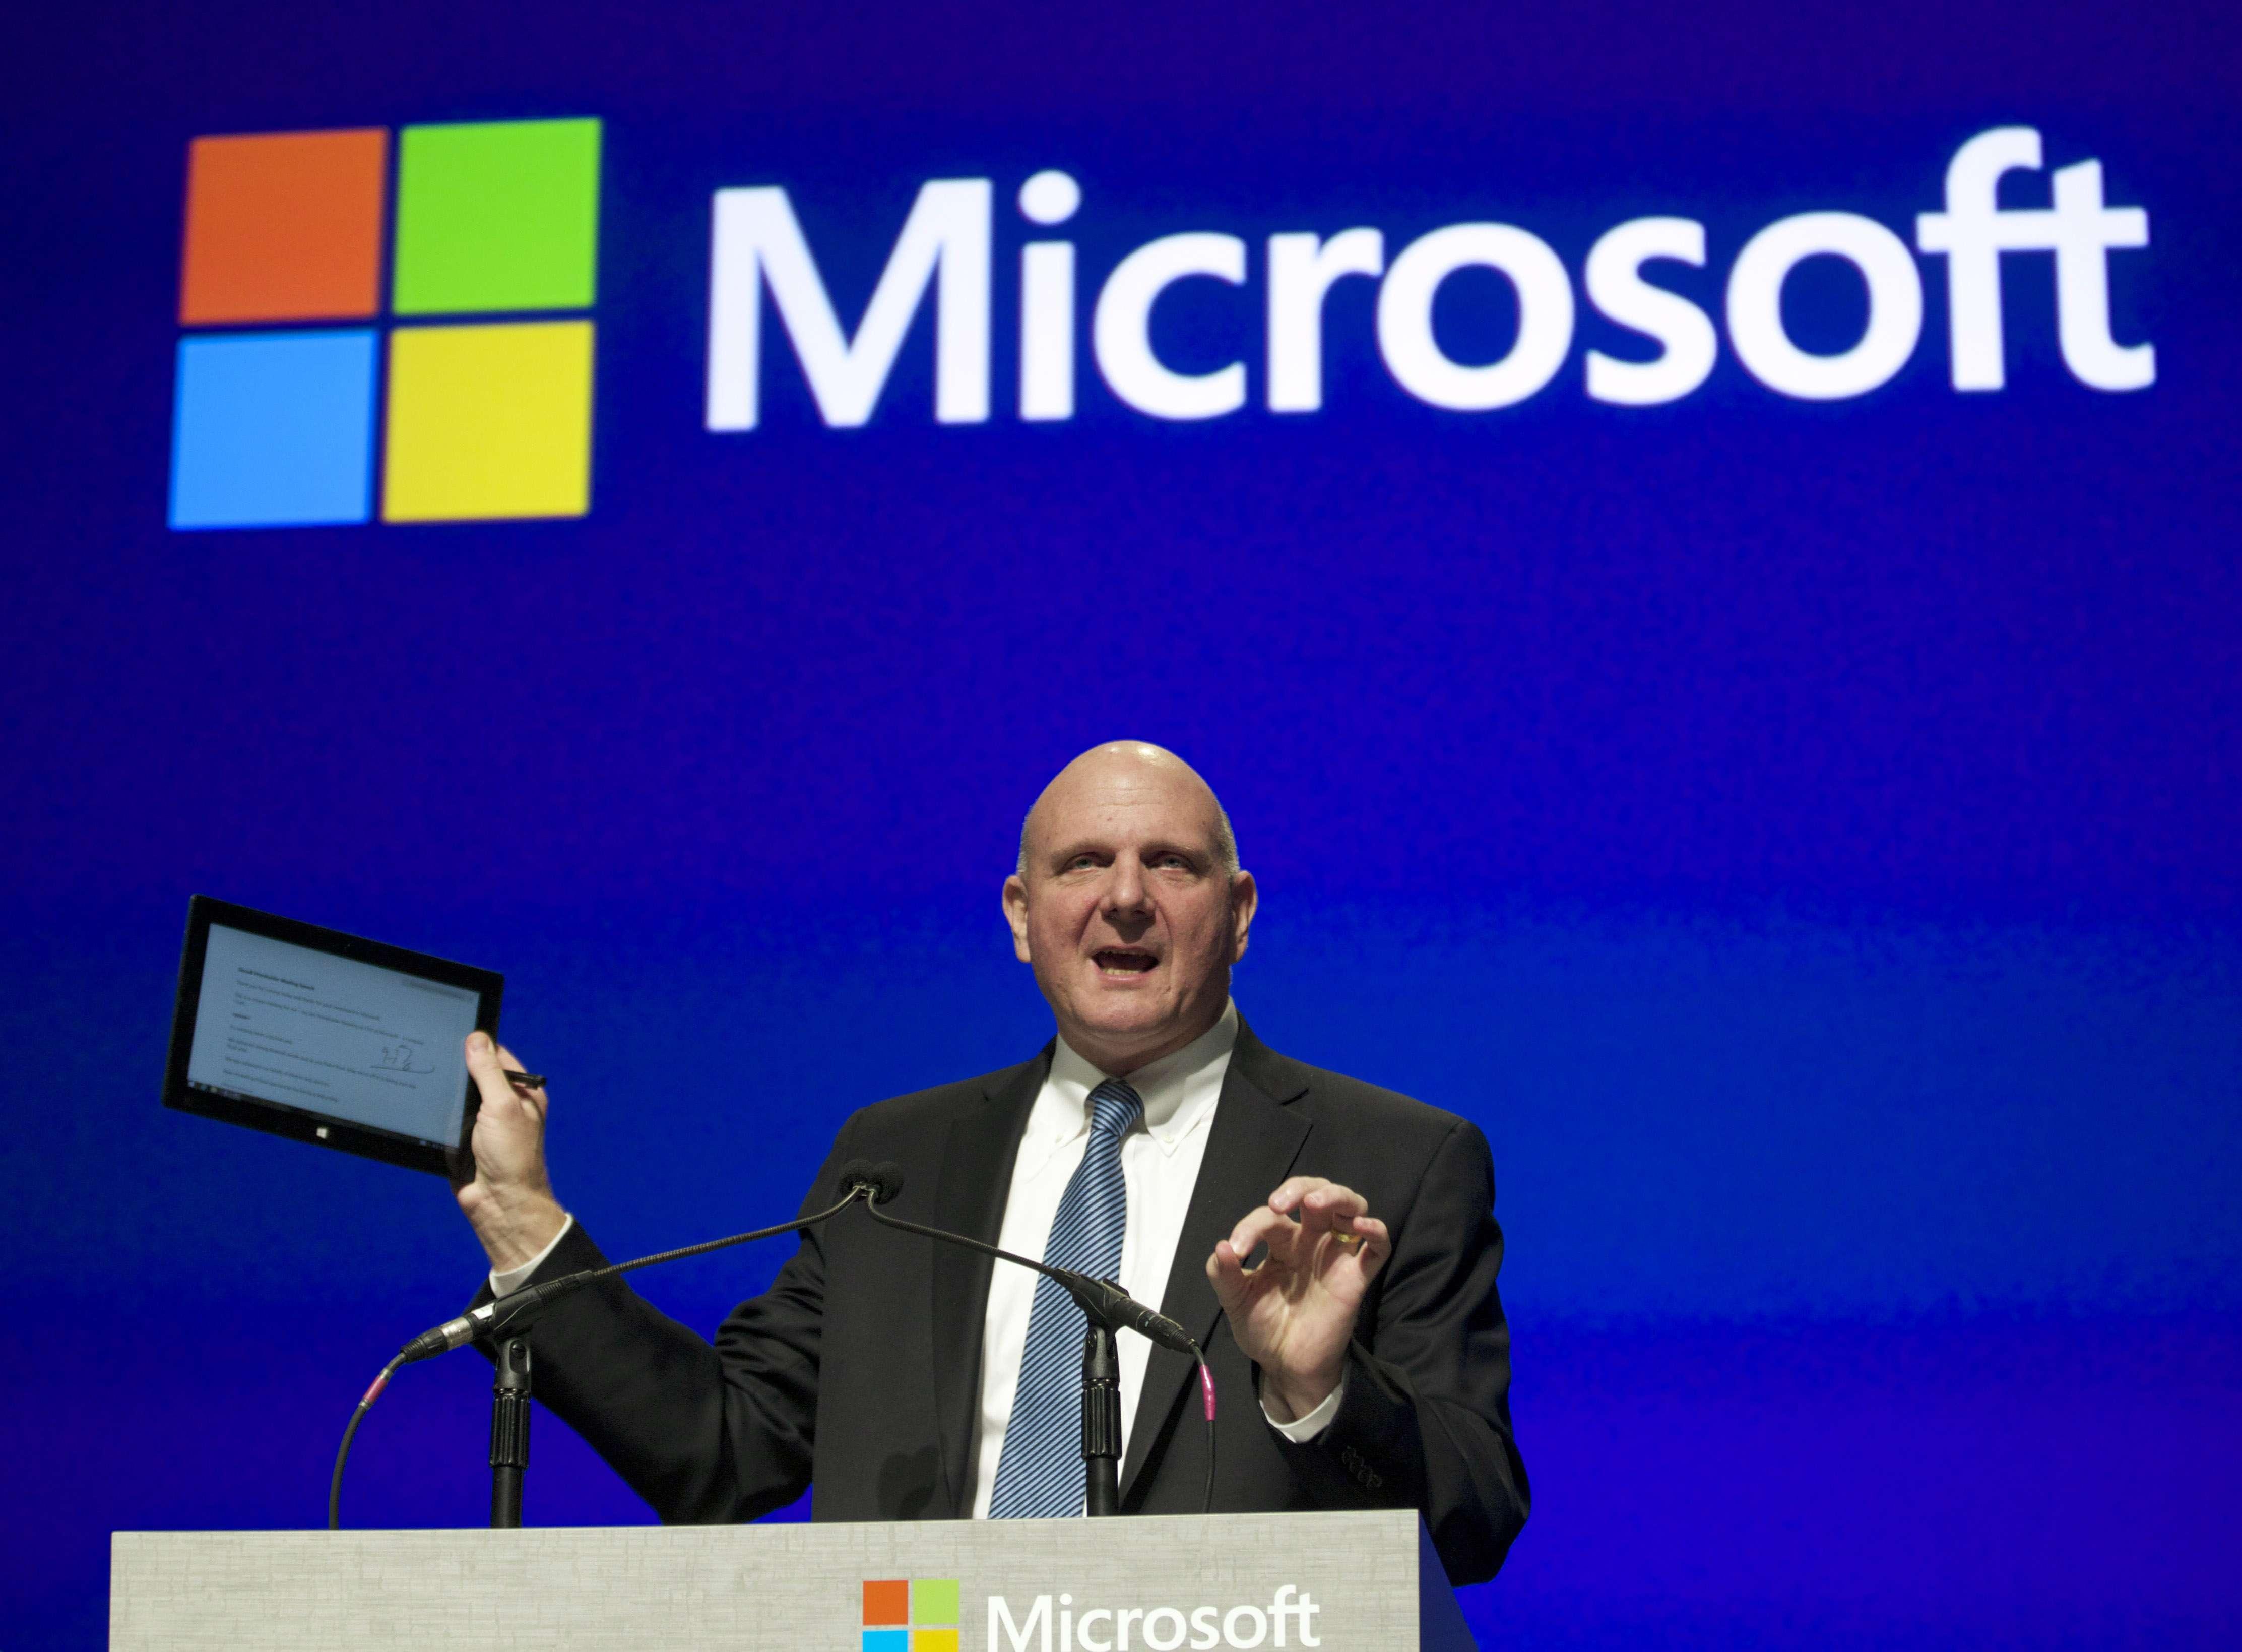 Steve Ballmer deixou a Microsoft em fevereiro deste ano Foto: Getty Images